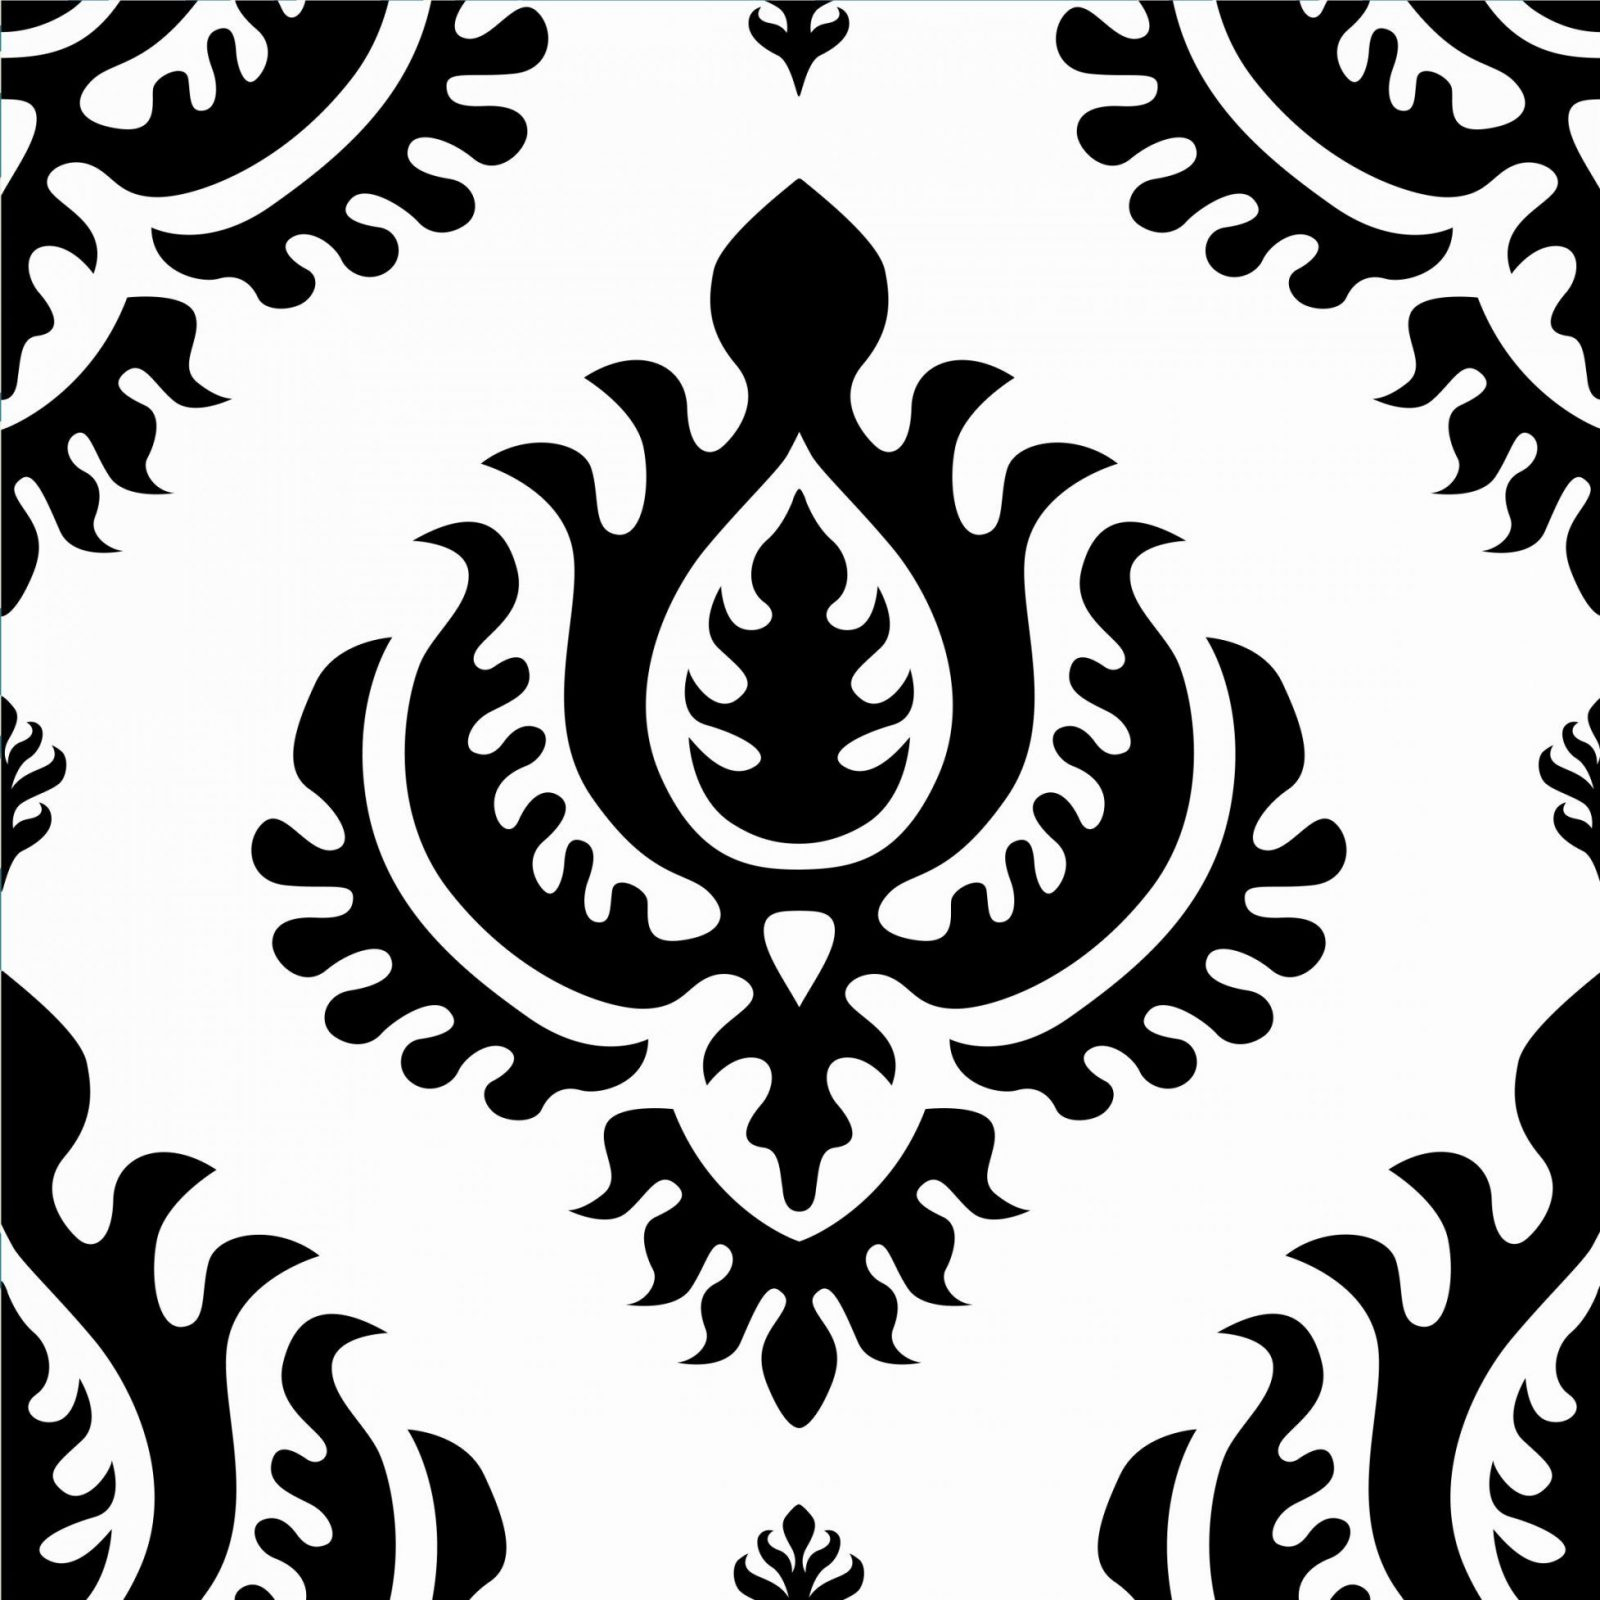 Klebefolie  Neo Barock Schwarz Weiss Damast Muster  Selbstklebefolie von Barock Tapete Schwarz Weiß Photo